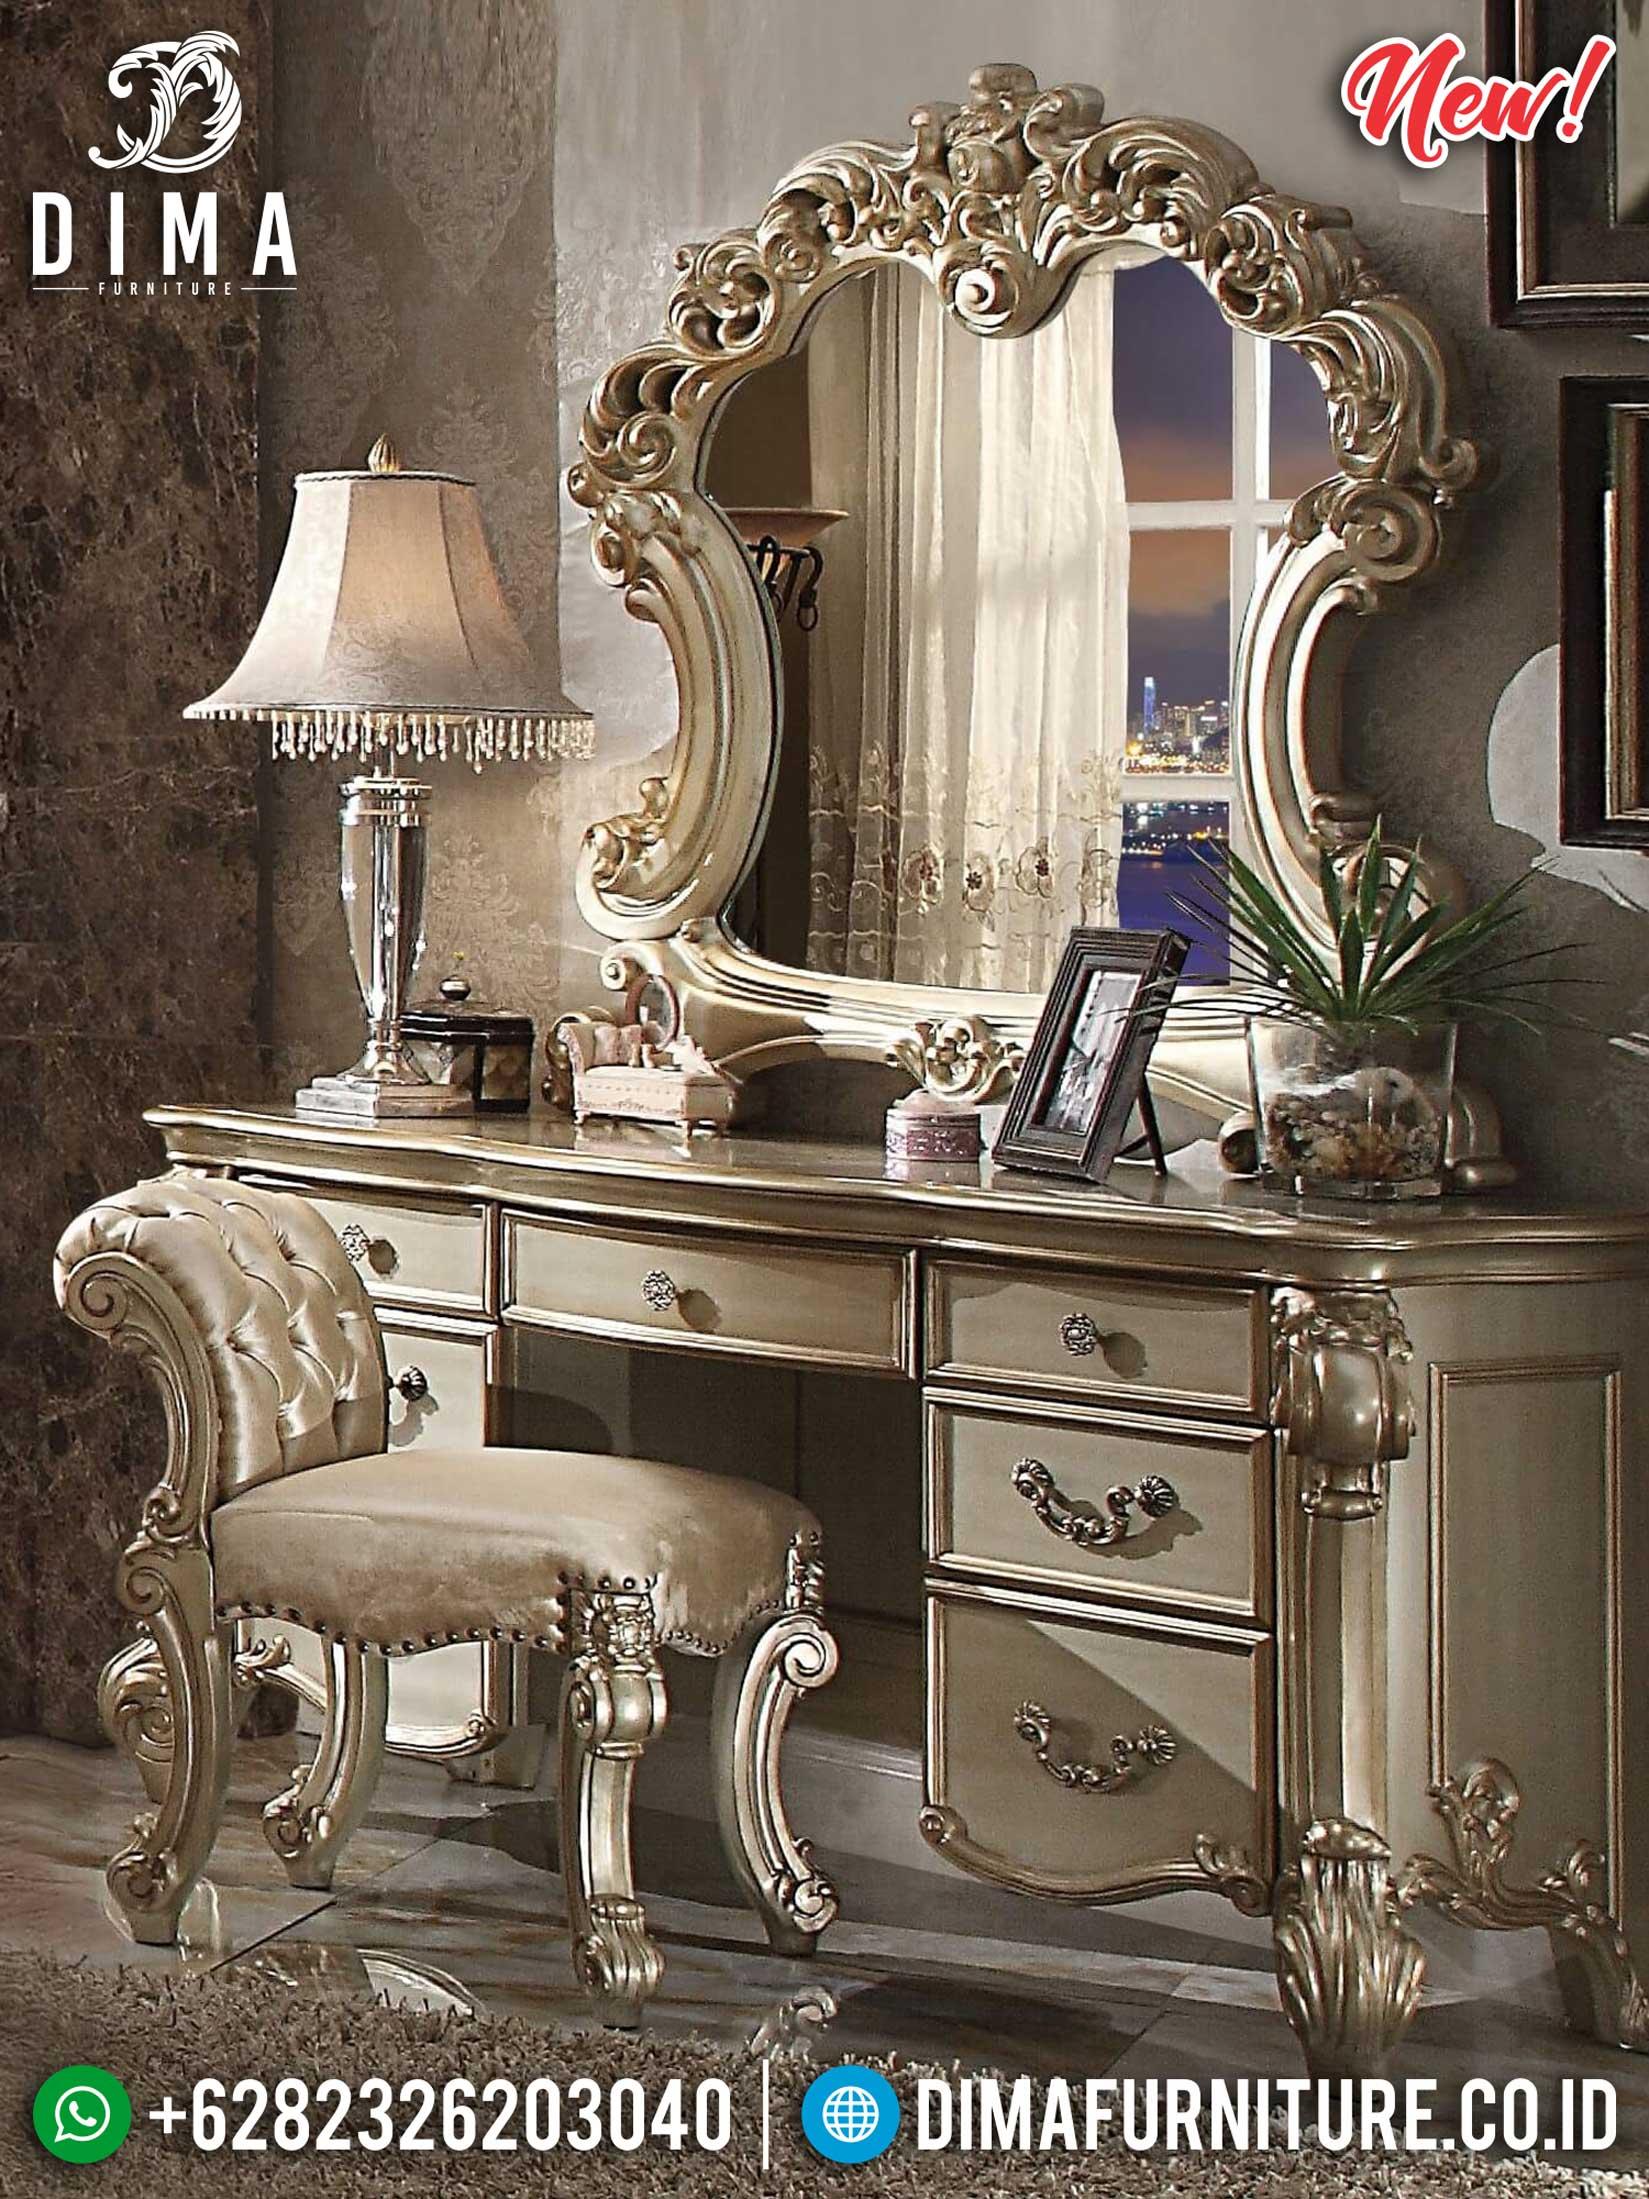 Desain Meja Rias Mewah Ukiran Jepara Luxury Vanity Room Style TTJ-1163